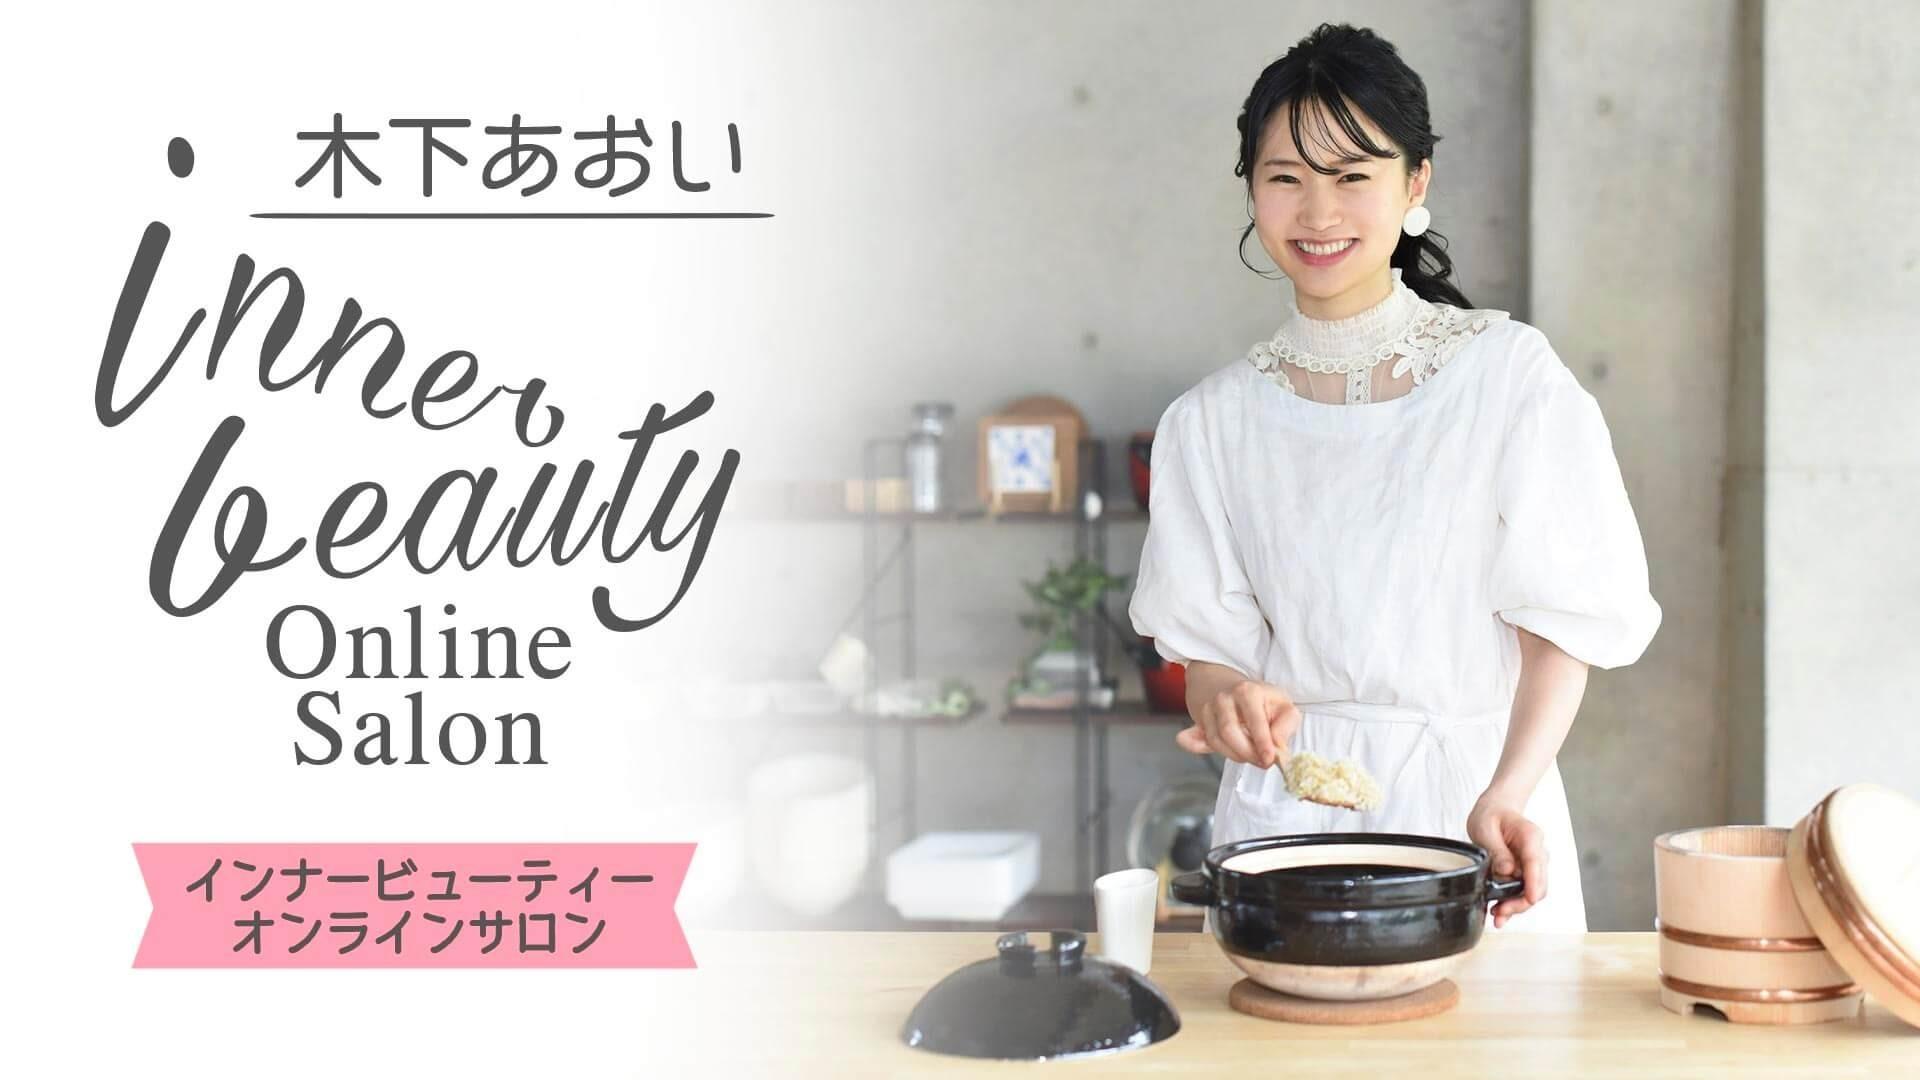 (社)日本インナービューティーダイエット協会 代表理事 ・管理栄養士・インナービューティープランナー®︎ - インナービューティーオンラインサロン - DMM オンラインサロン